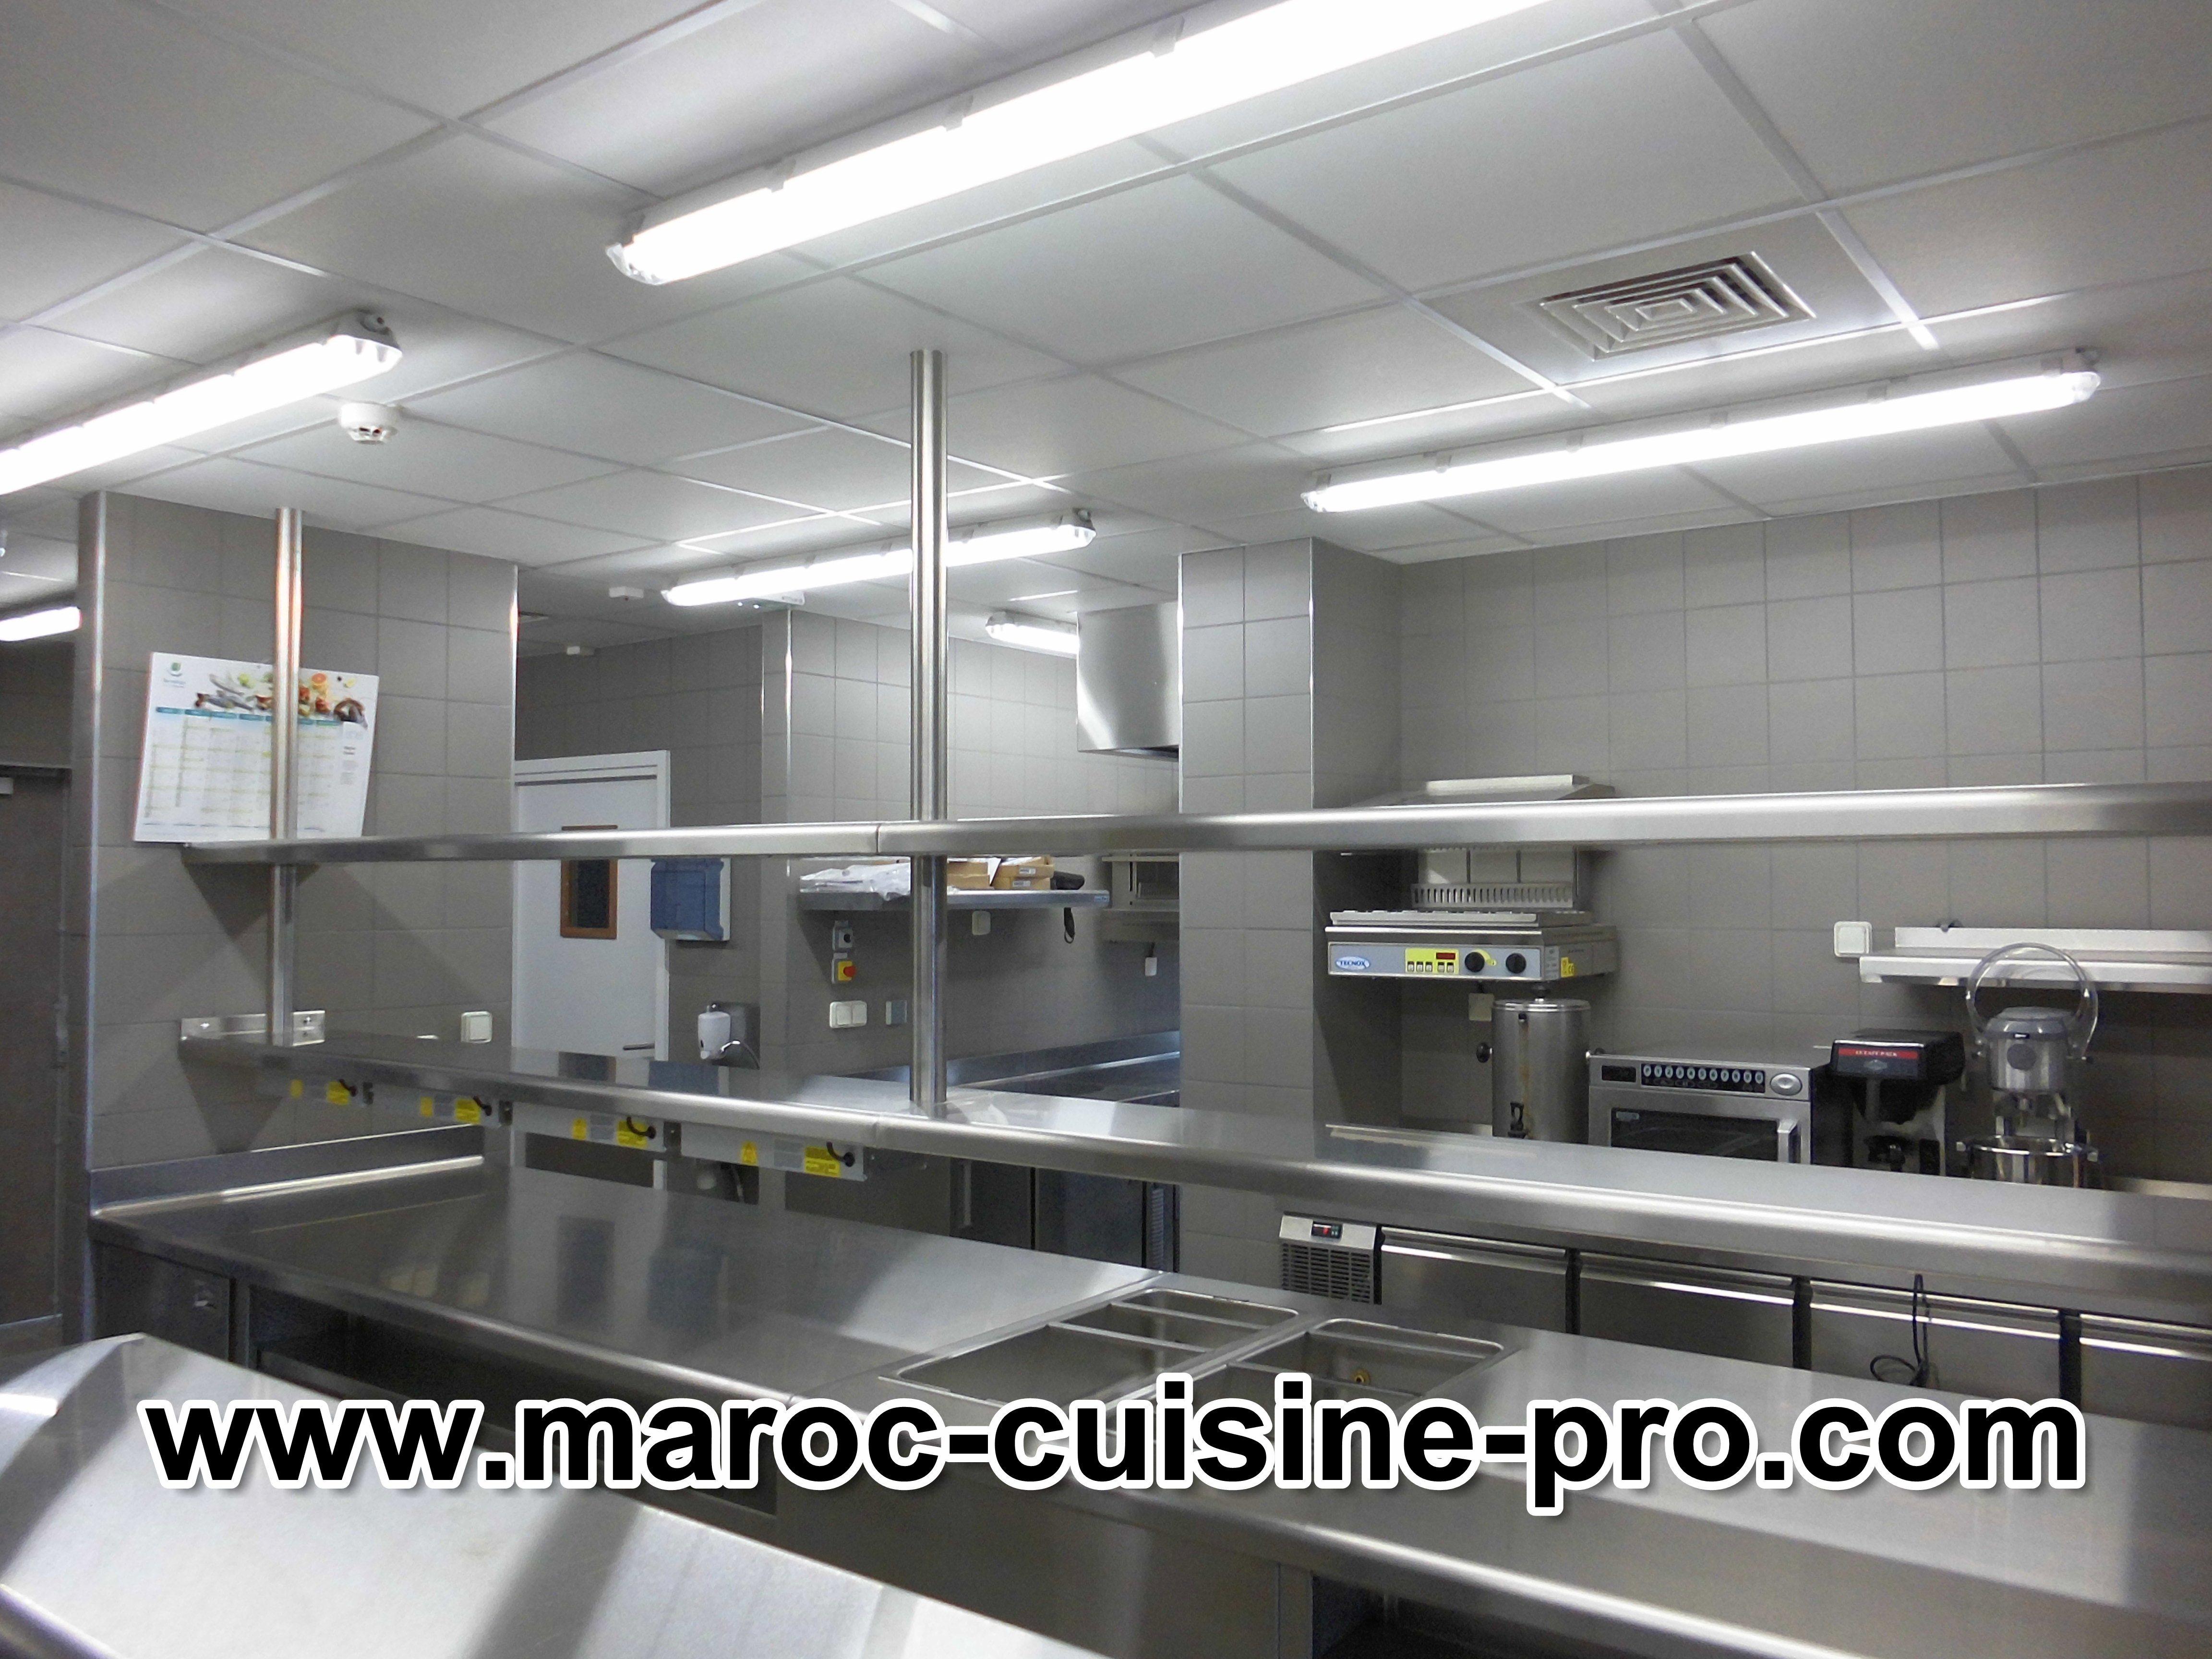 mat 233 riel de cuisine professionnel pour la restauration maroc cuisine pro